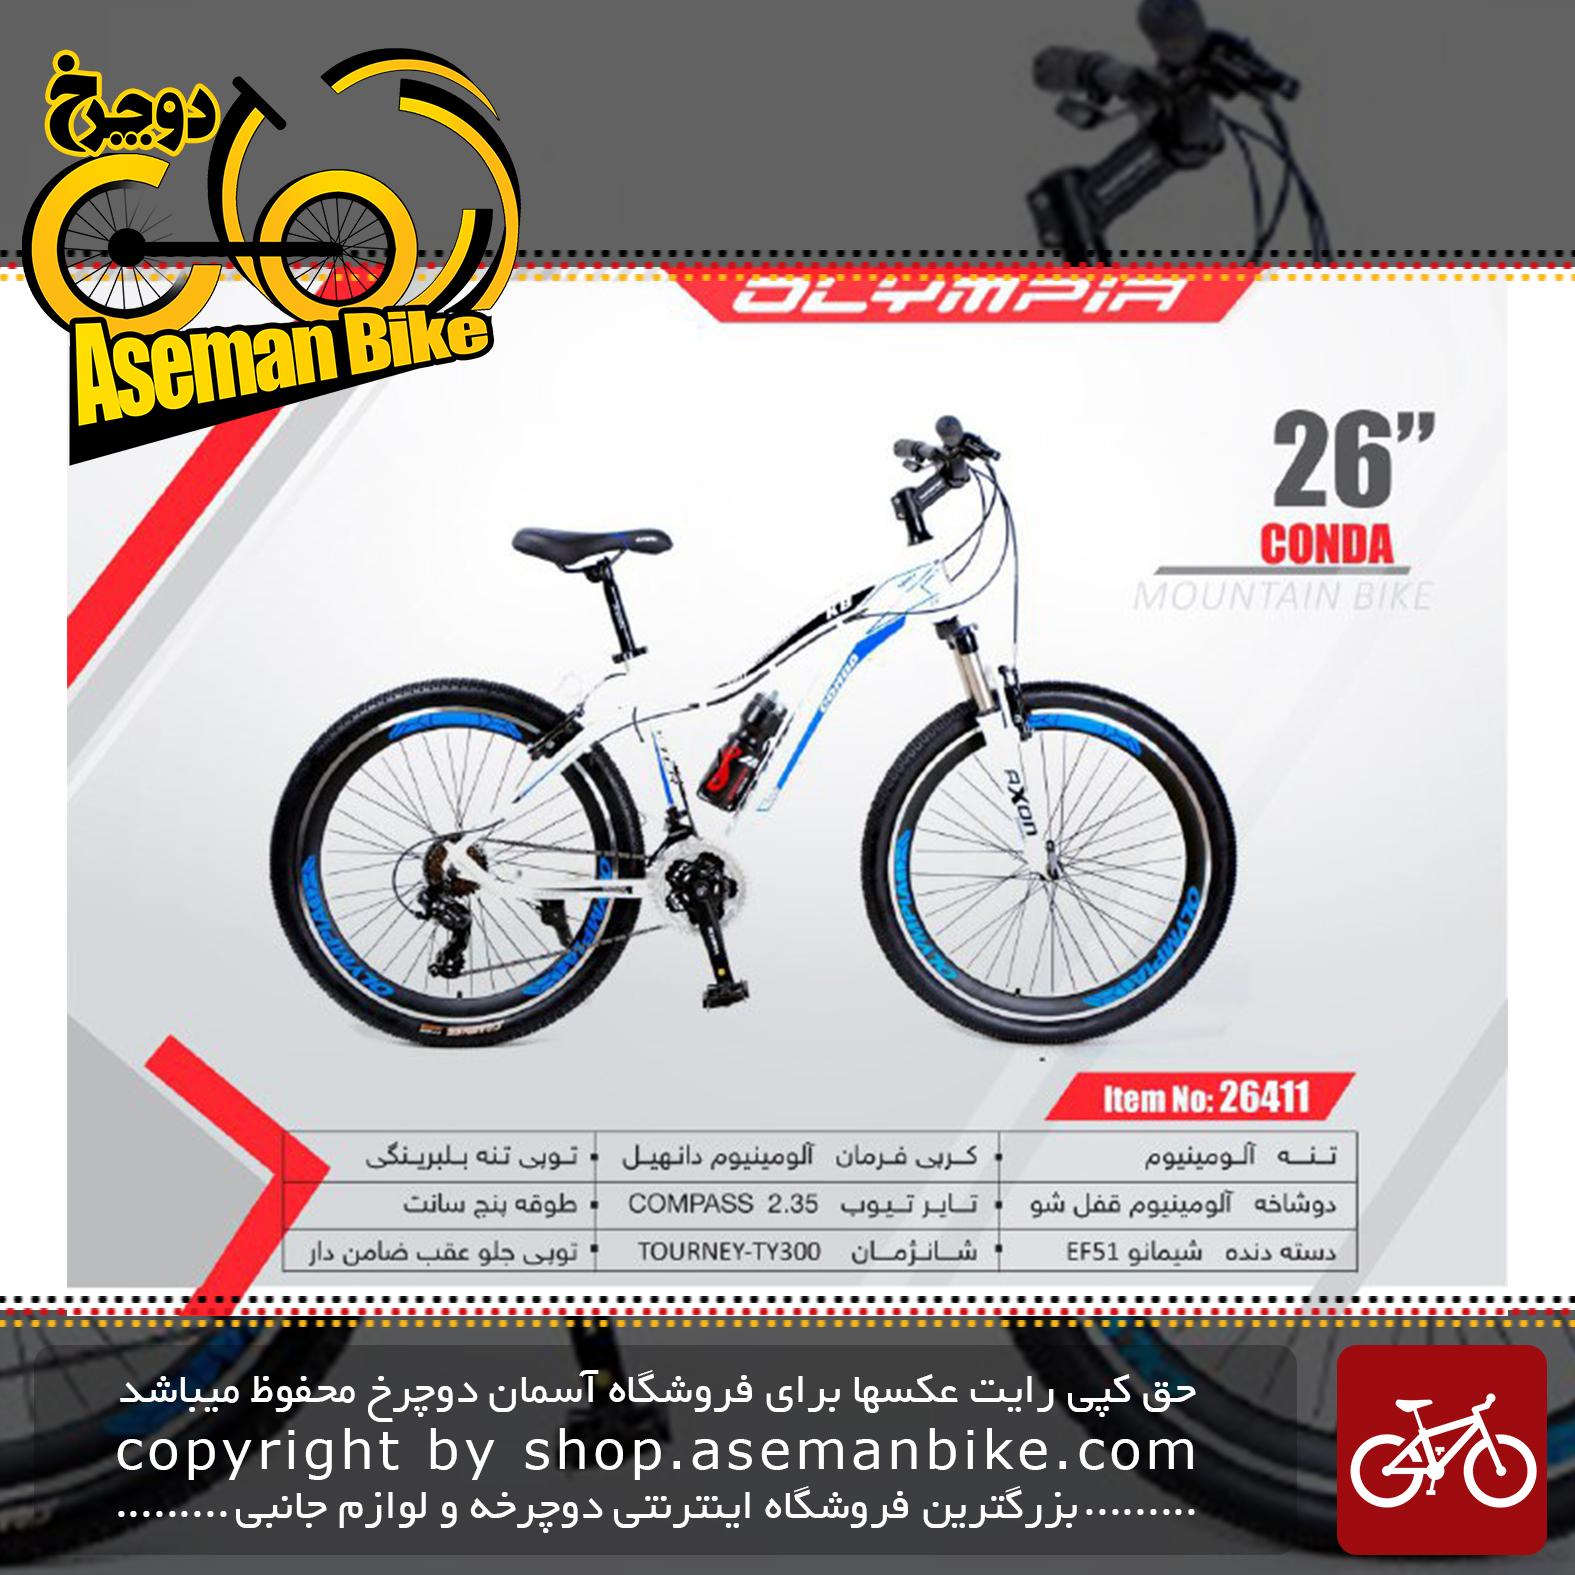 دوچرخه کوهستان المپیا سایز 26مدل کندا OLYMPIA SIZE 26 CONDA